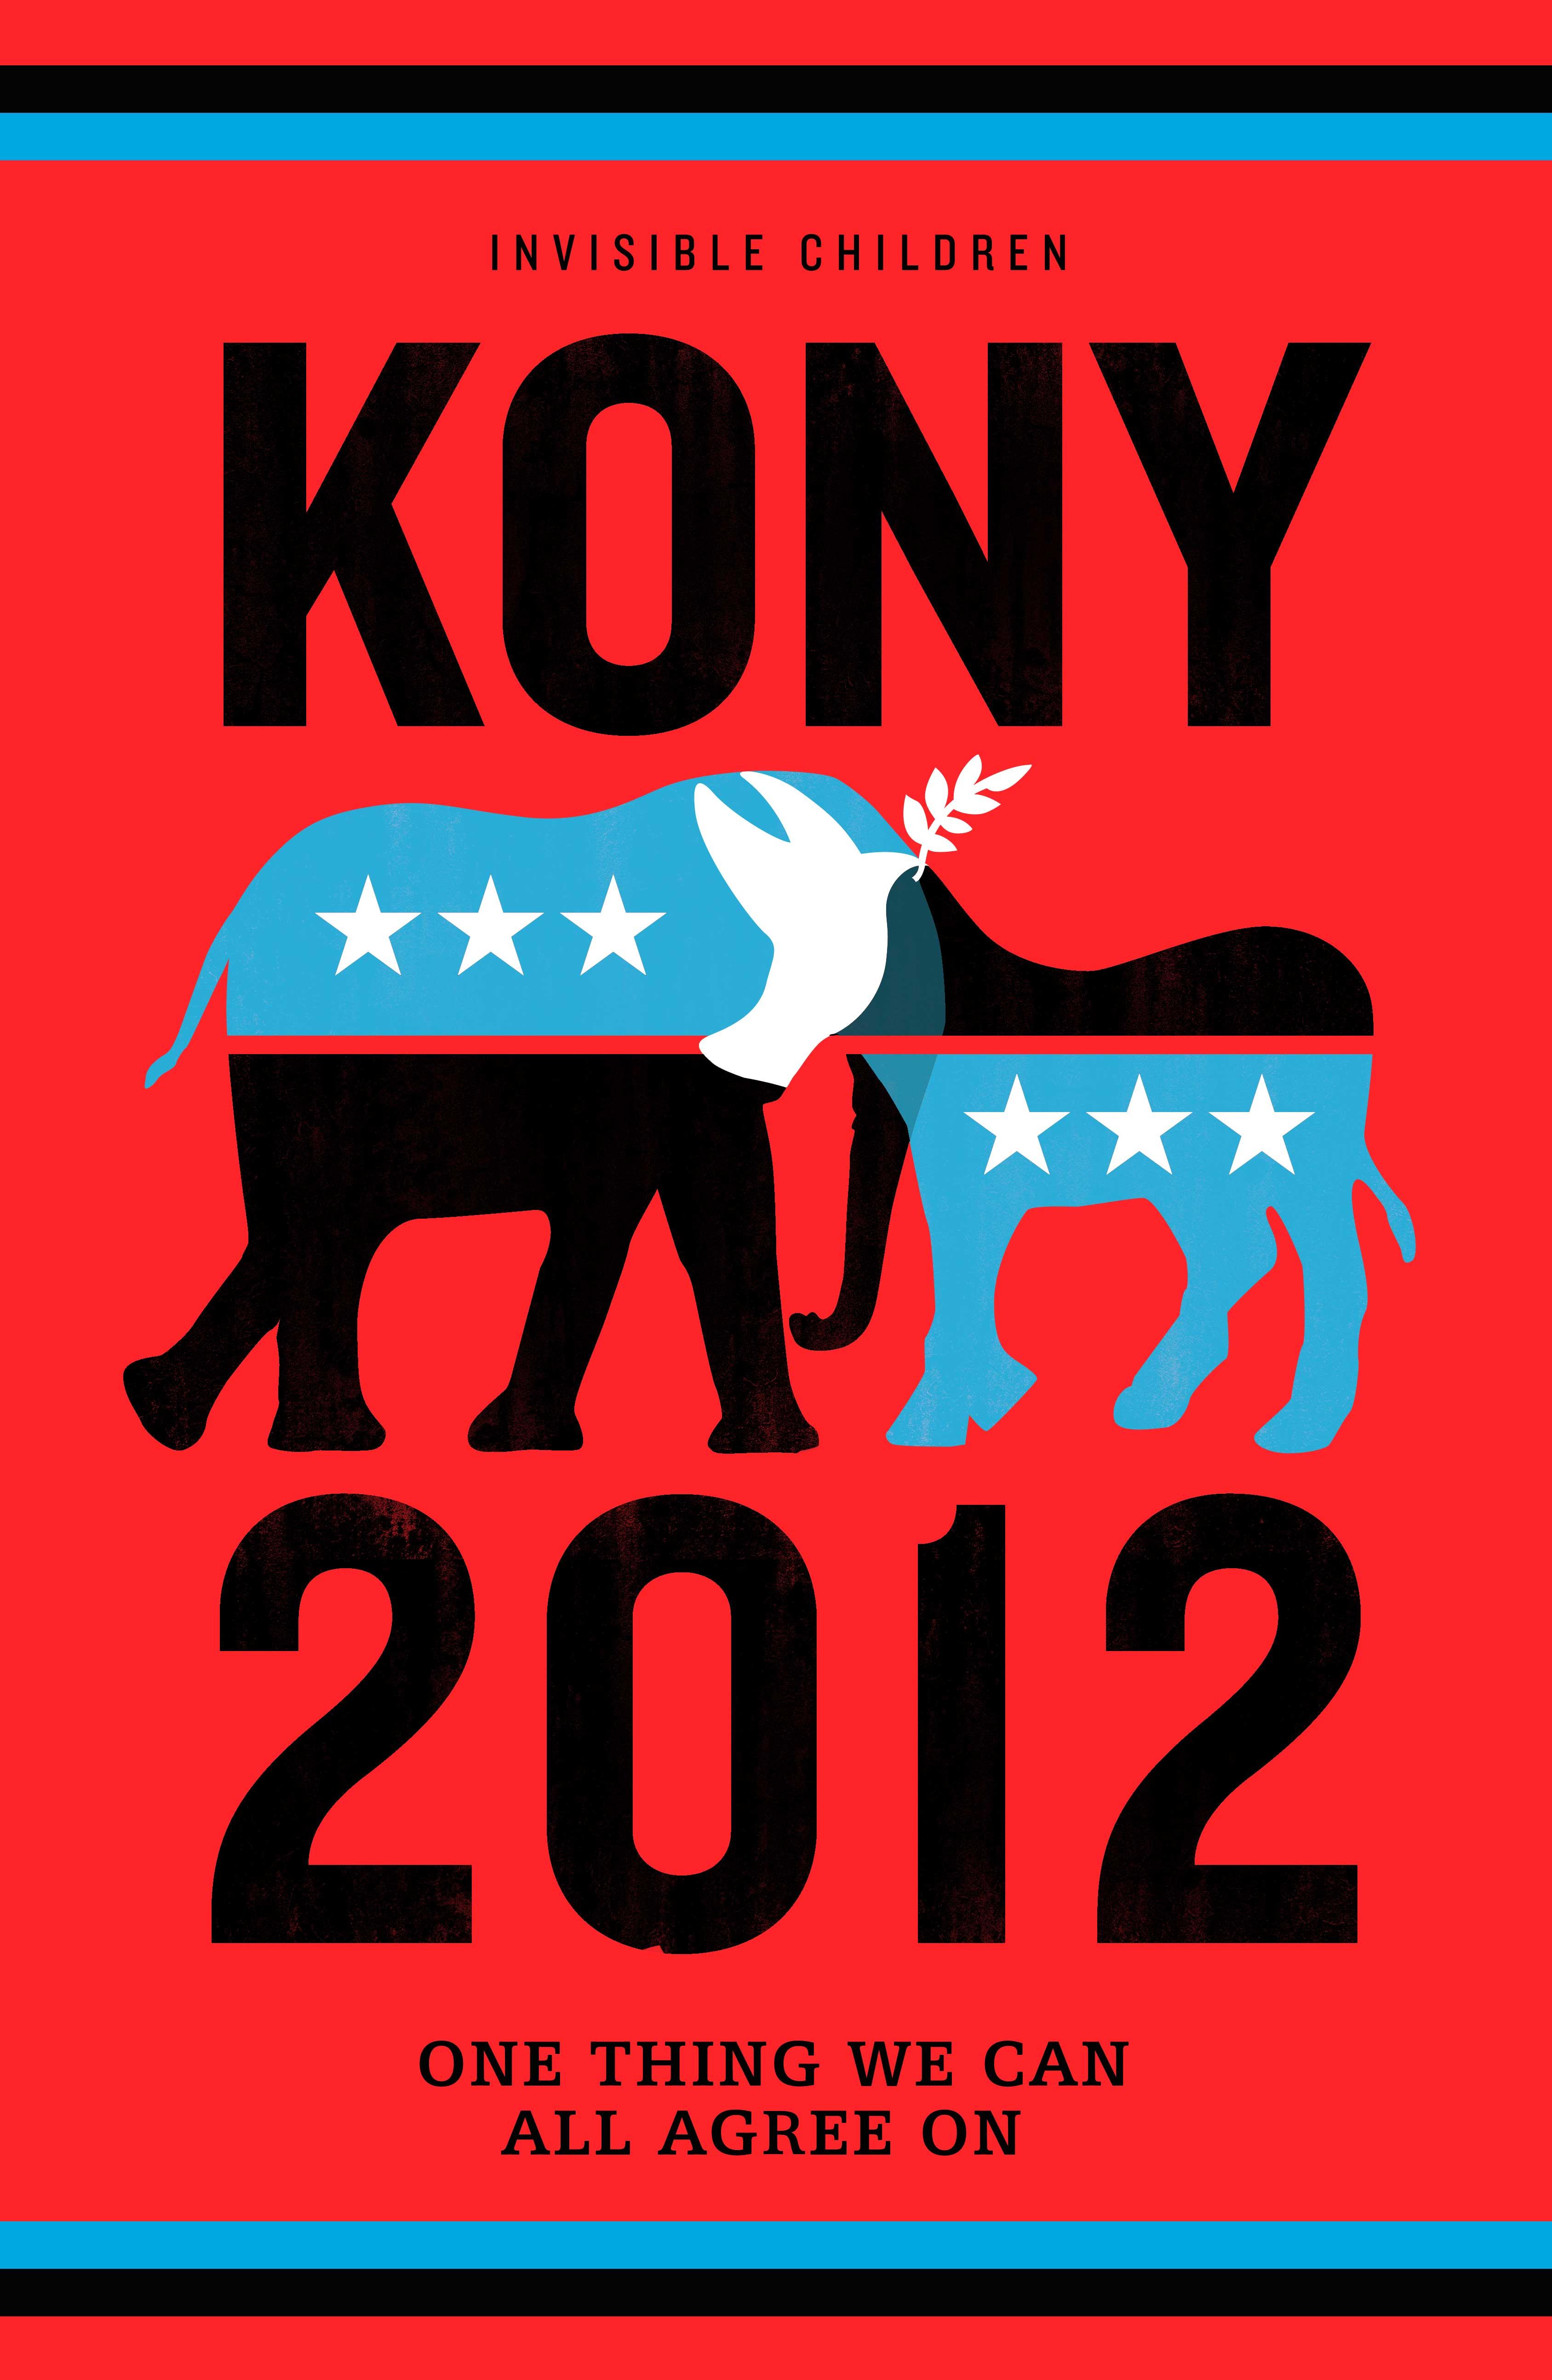 Kony 2012 by ads2142